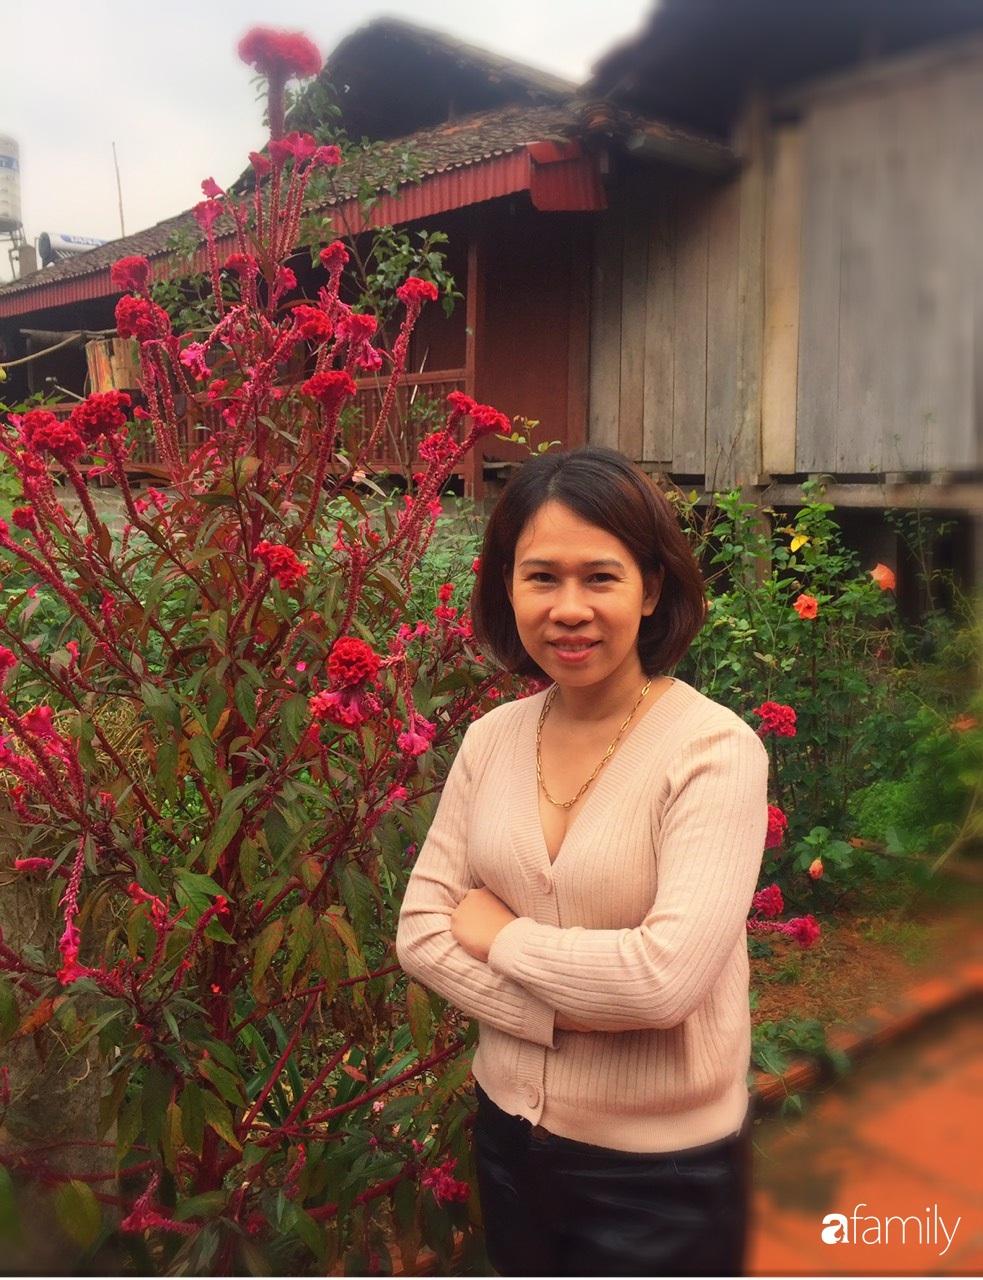 Không gian sống ngát hương bên khu vườn ngập tràn nắng ấm và rực rỡ sắc hoa ở Hà Nội - Ảnh 6.